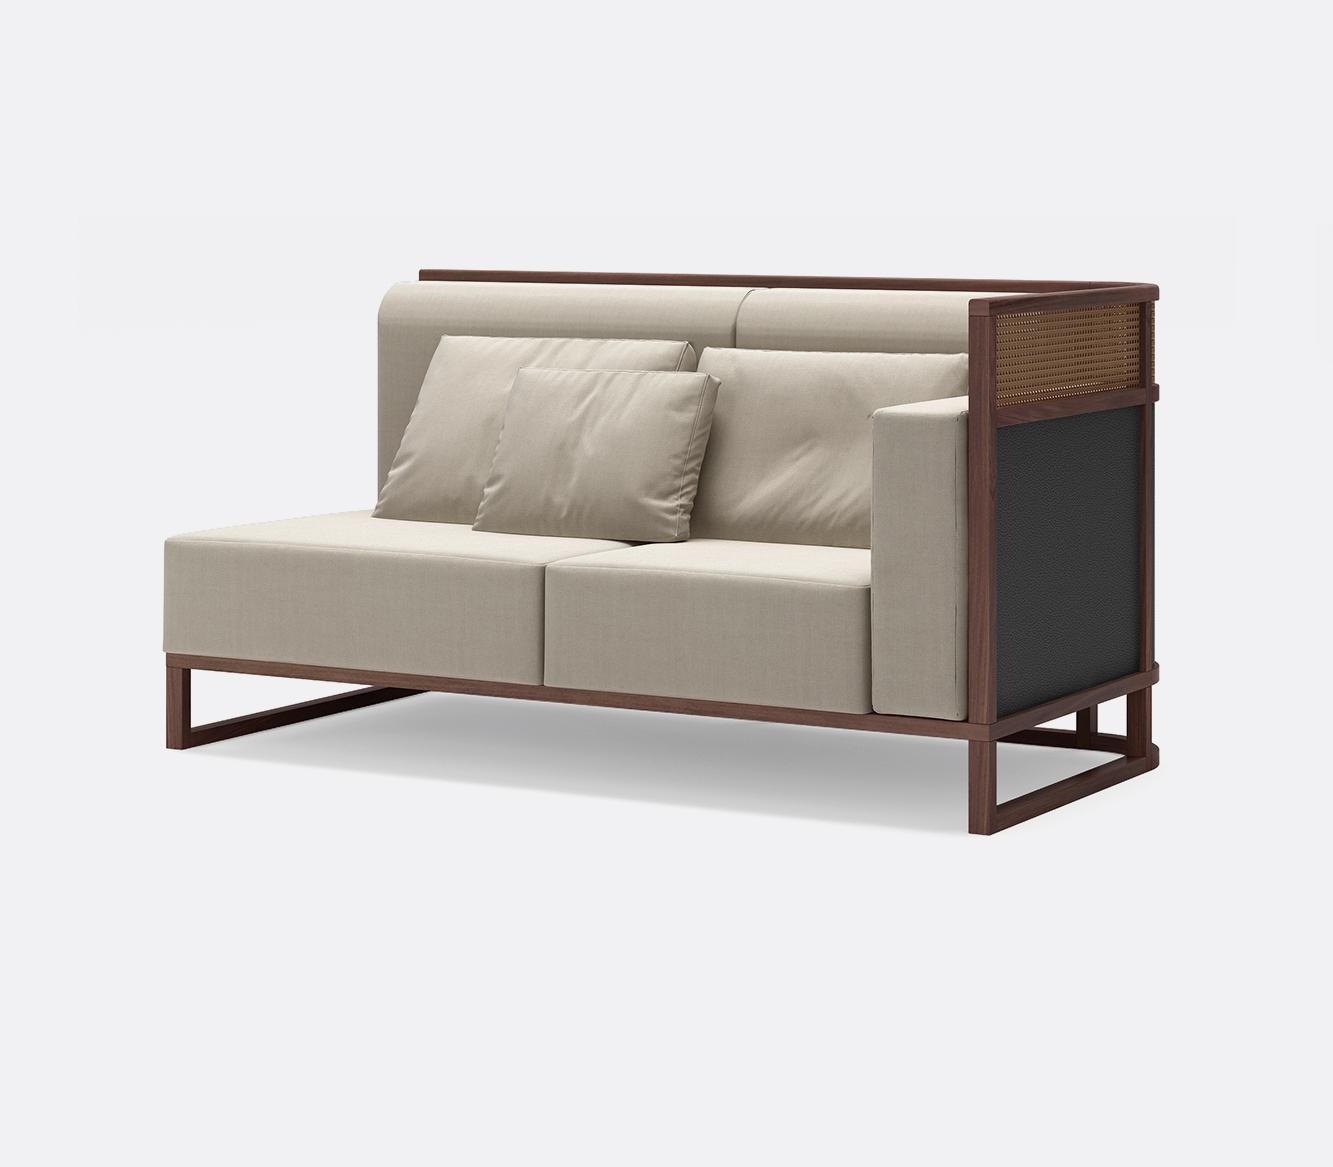 皮尔先生组合沙发  Y-53a1 / a2